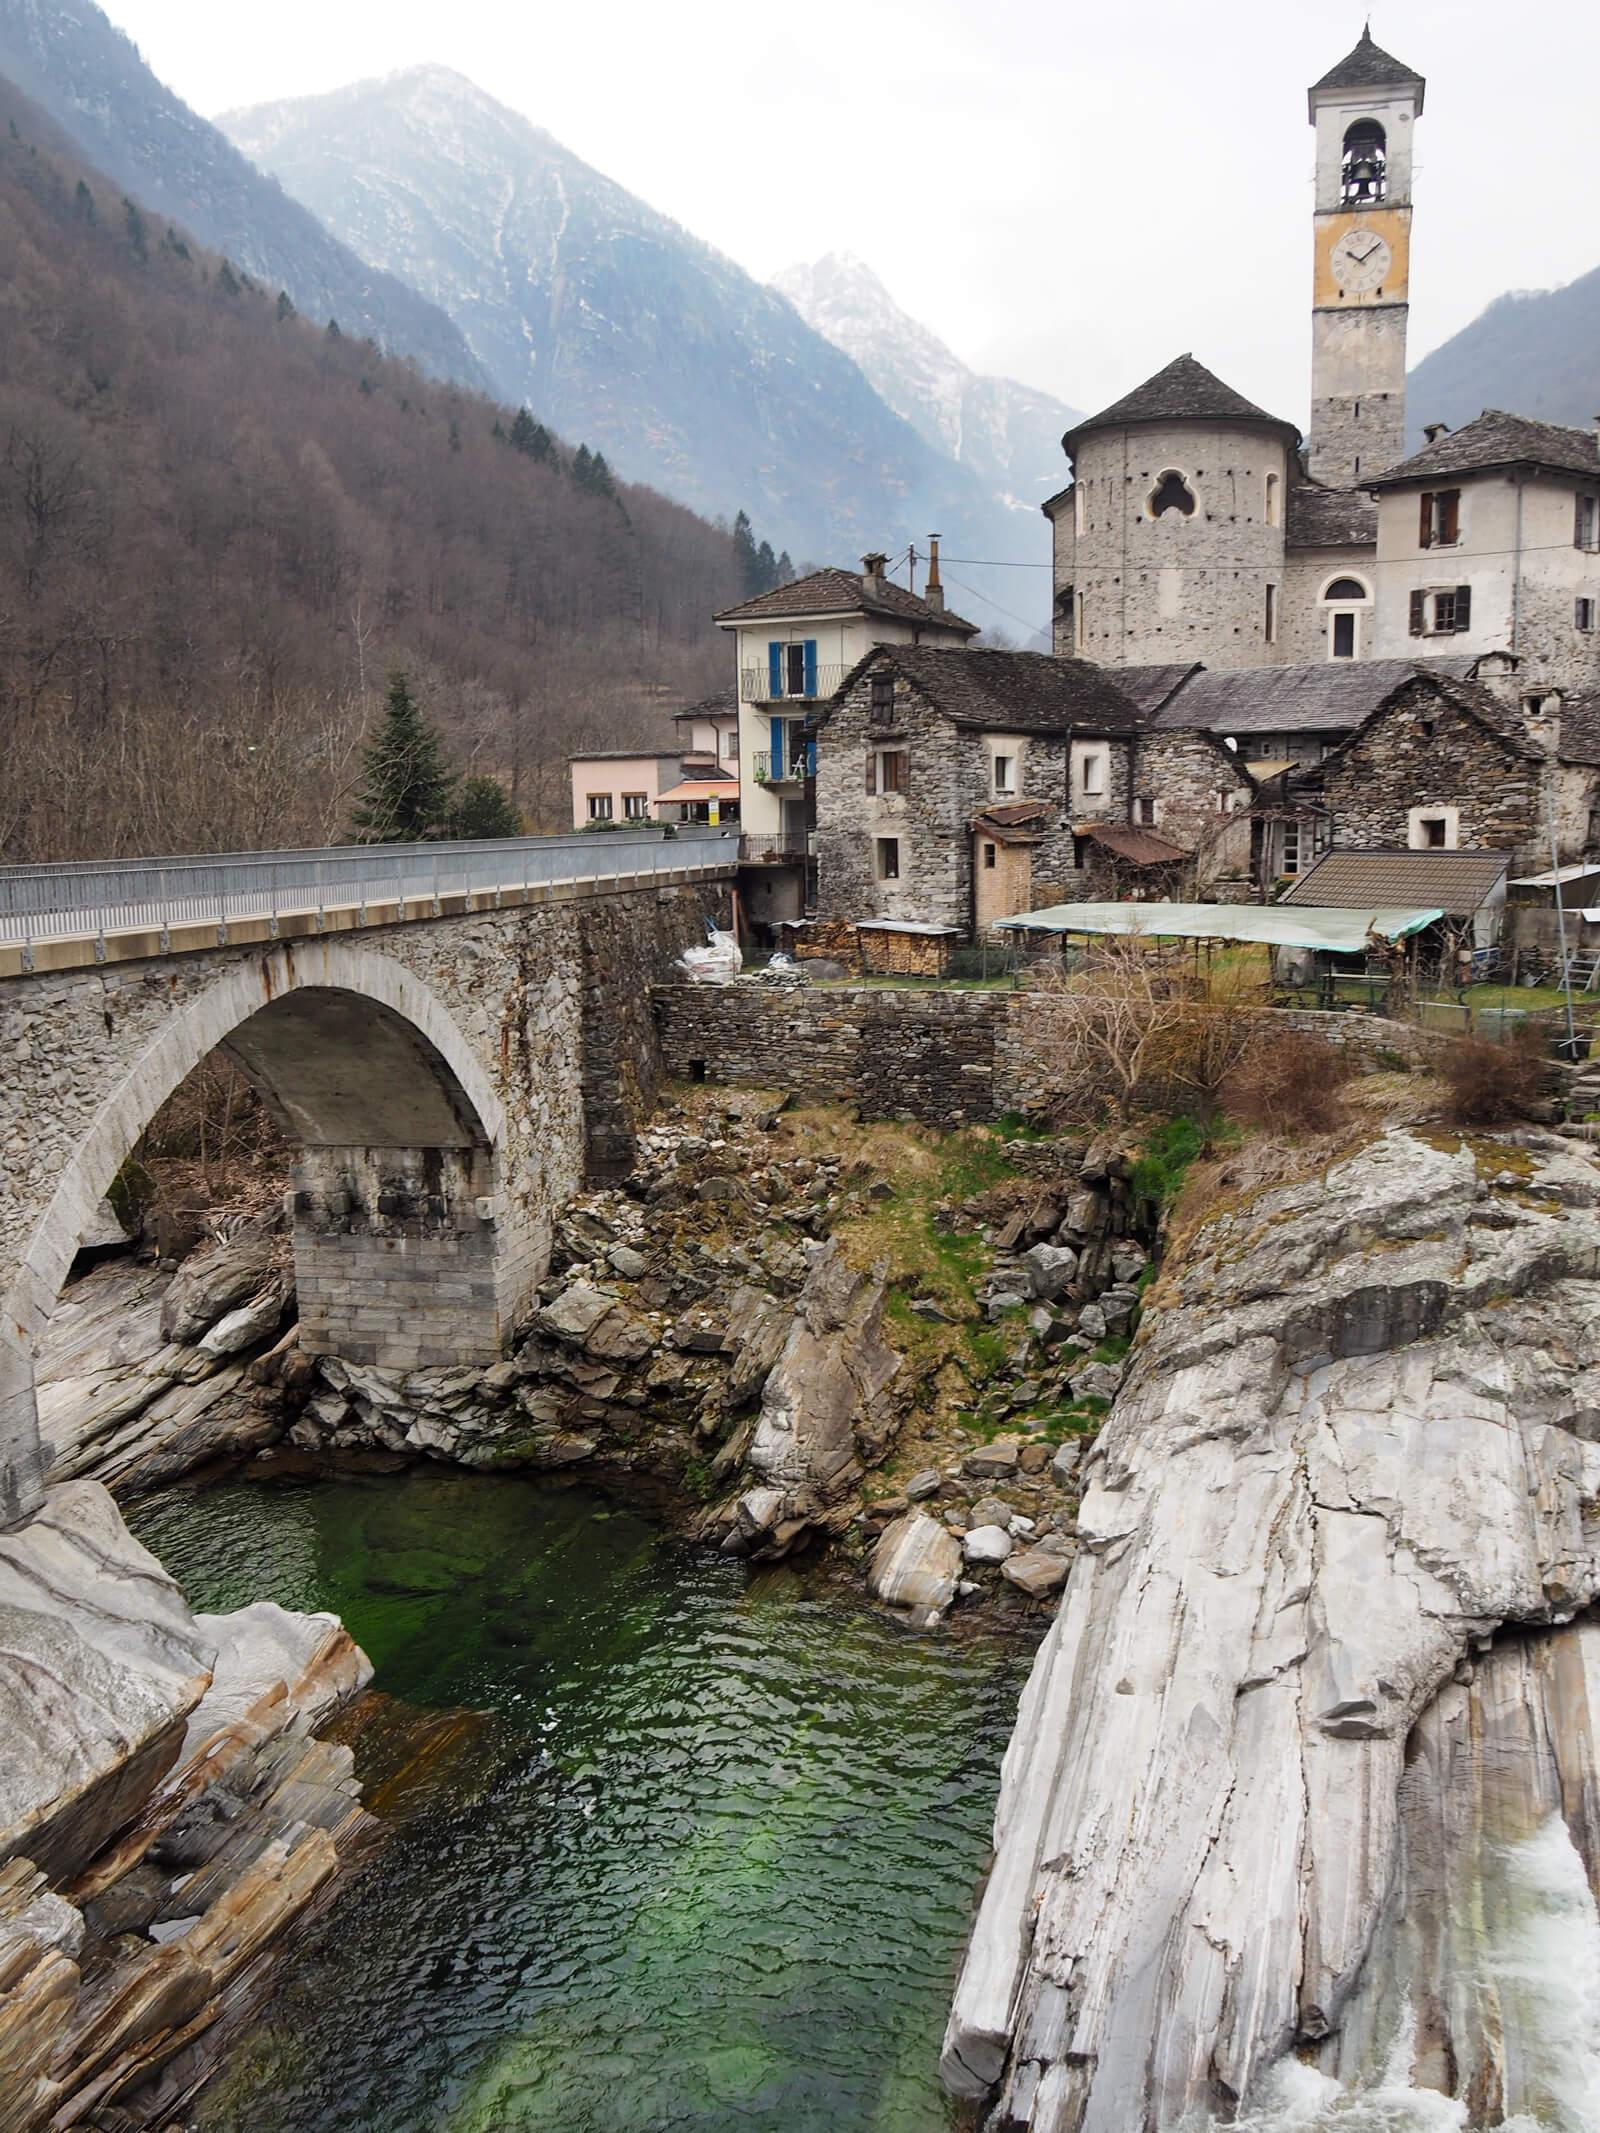 Lavertezzo in Valle Verzasca, Ticino